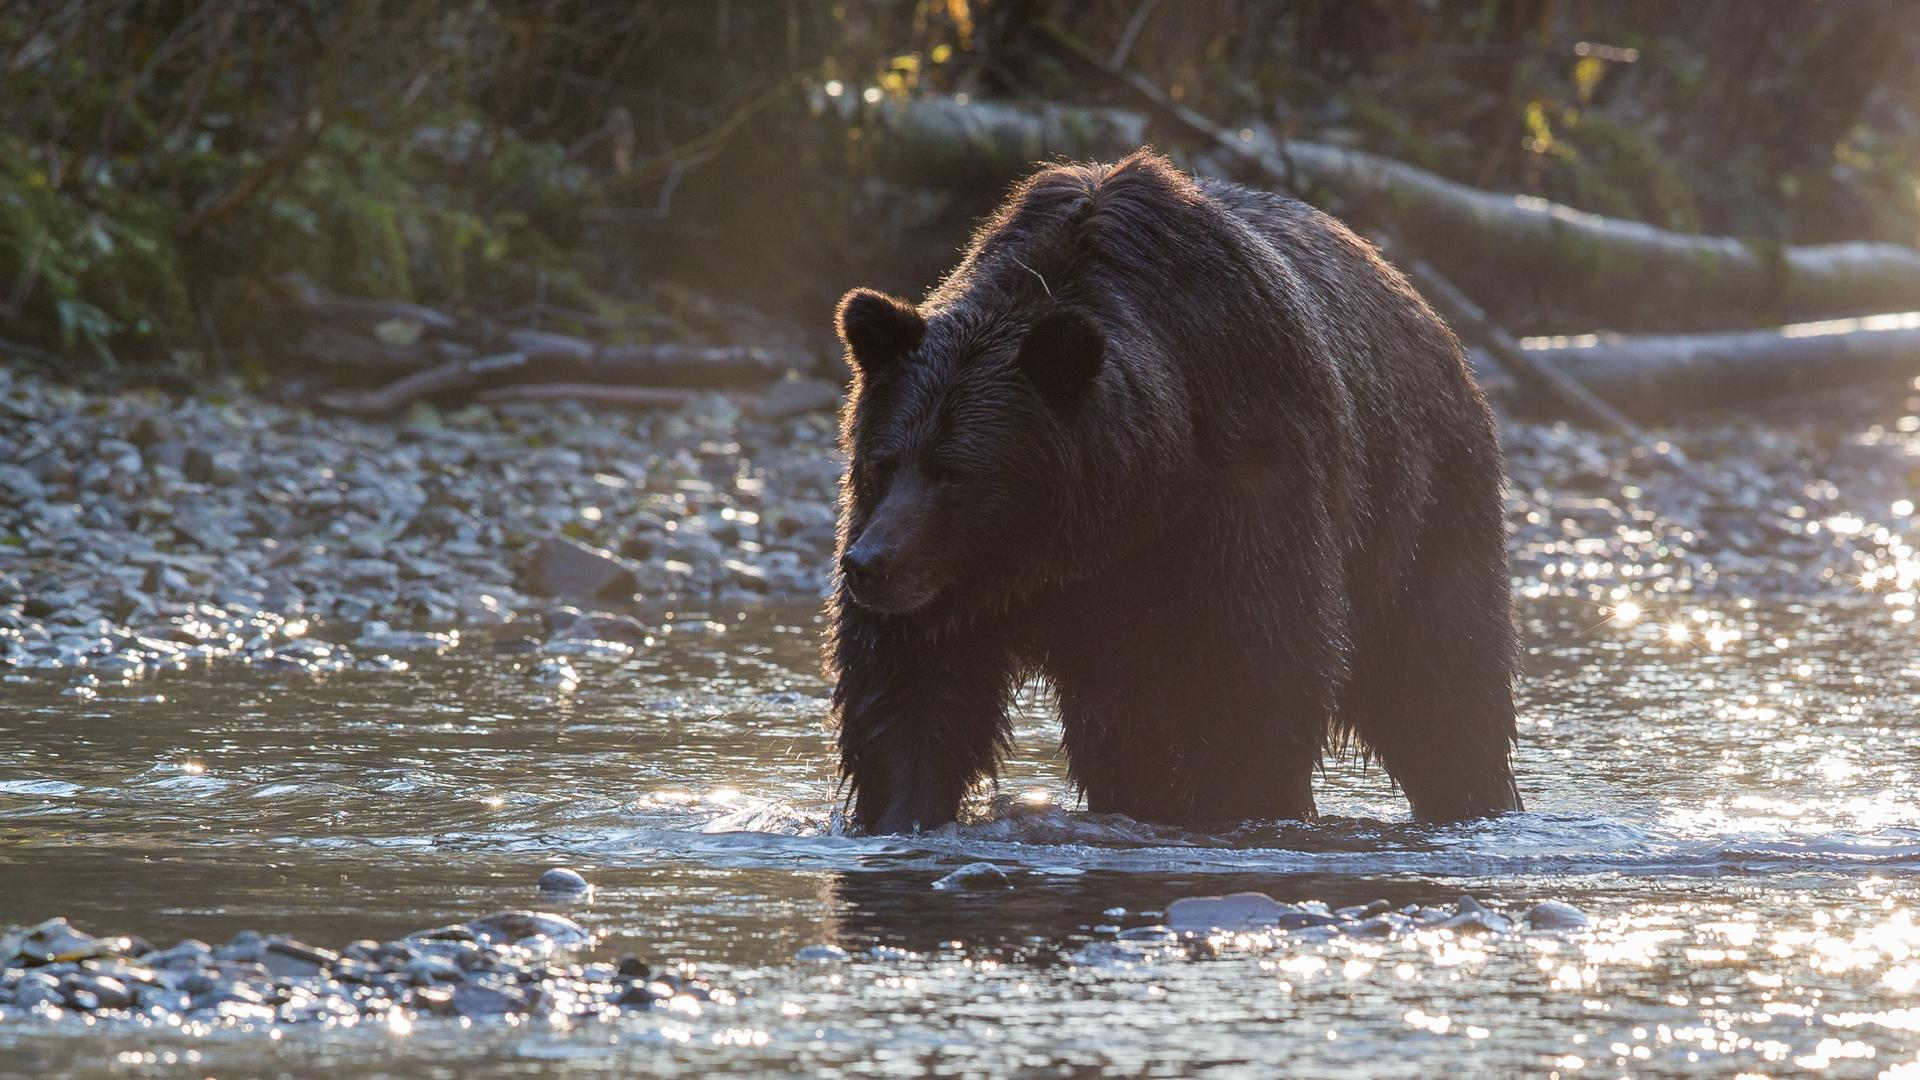 Grizzly im Anmarsch